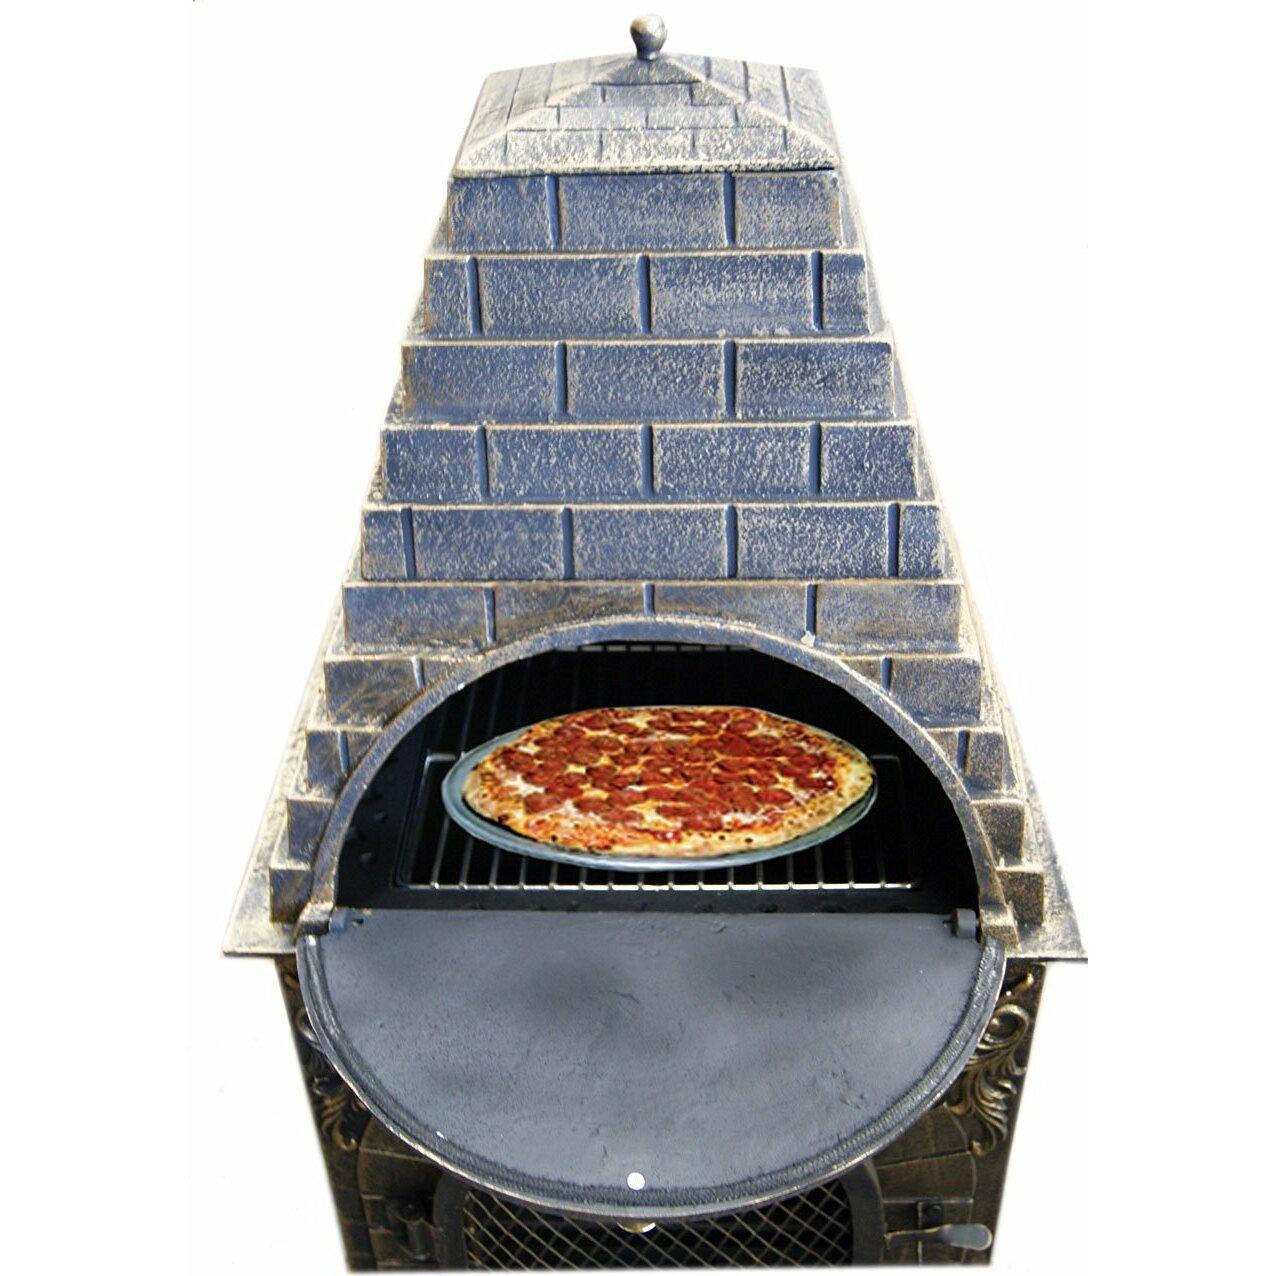 Deeco Aztec Allure Pizza Oven Outdoor Fireplace Reviews Wayfair